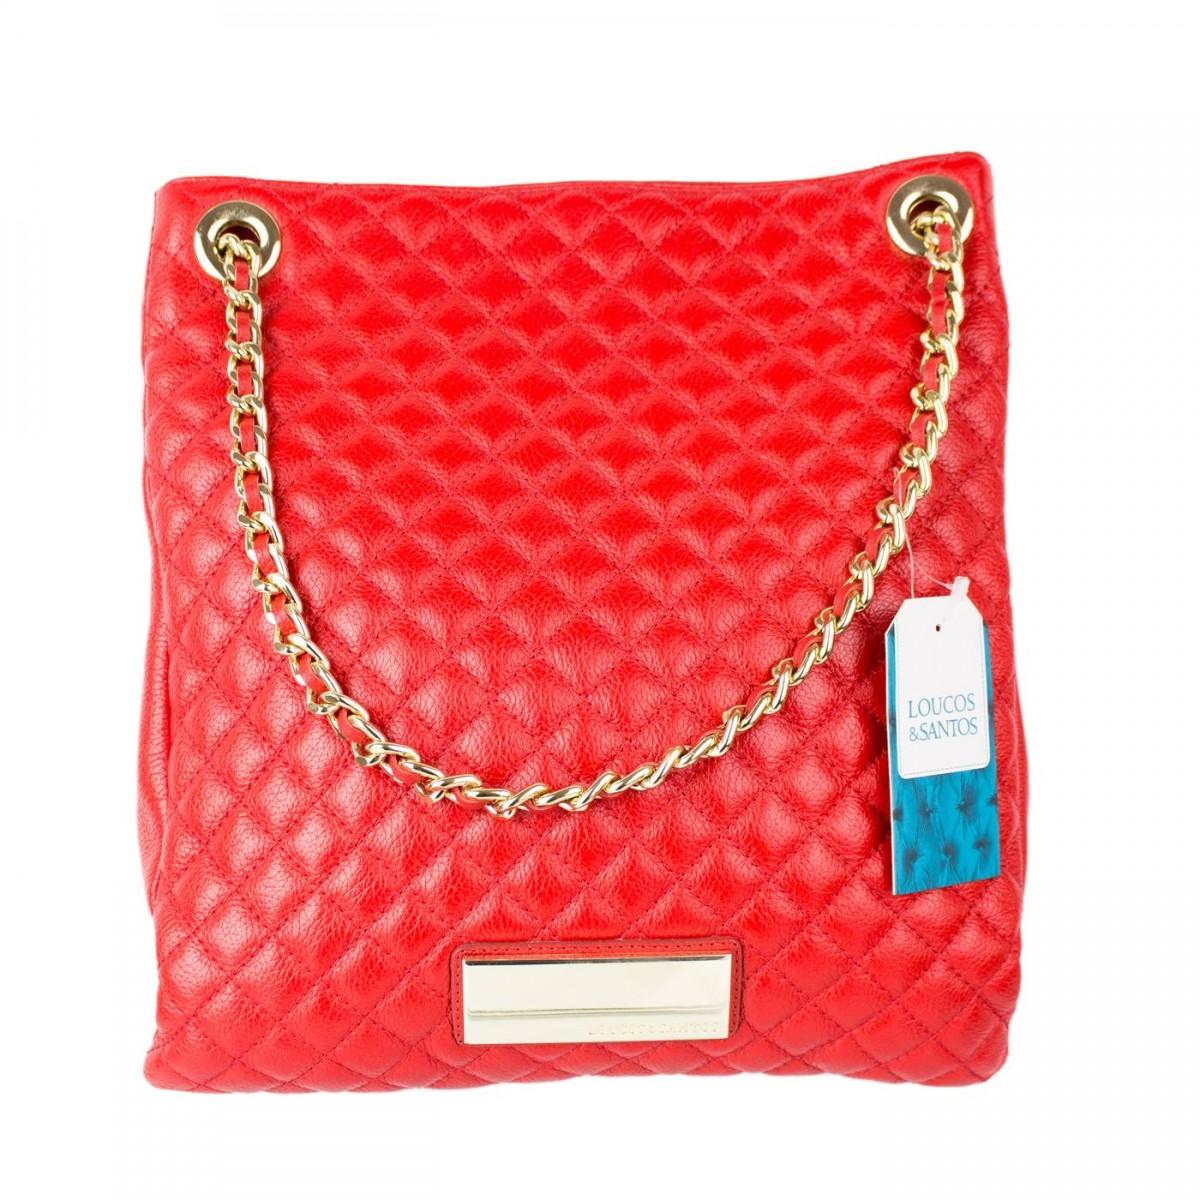 ad9fa5be0 Bizz Store - Bolsa Feminina Loucos e Santos Couro Vermelha